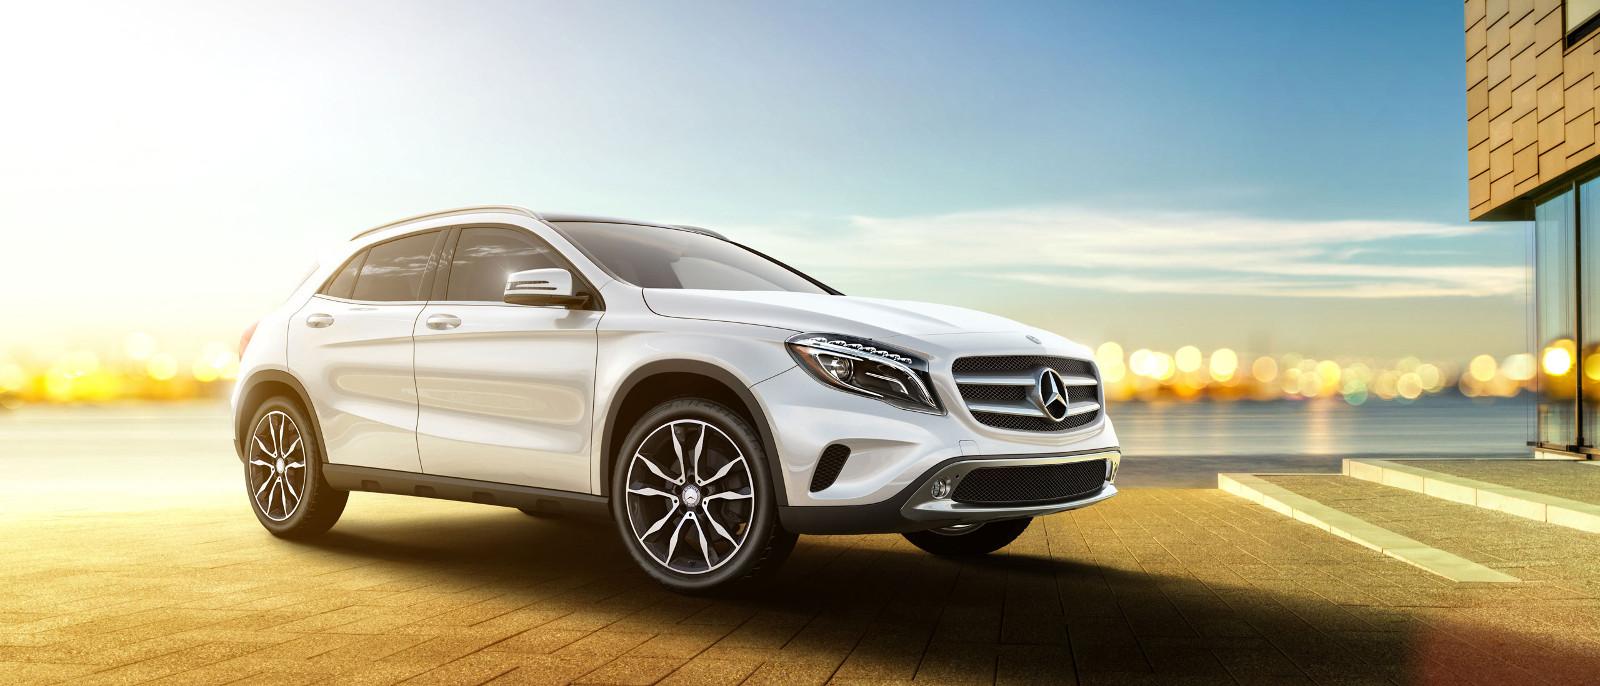 2015 Mercedes-Benz GLA Exterior